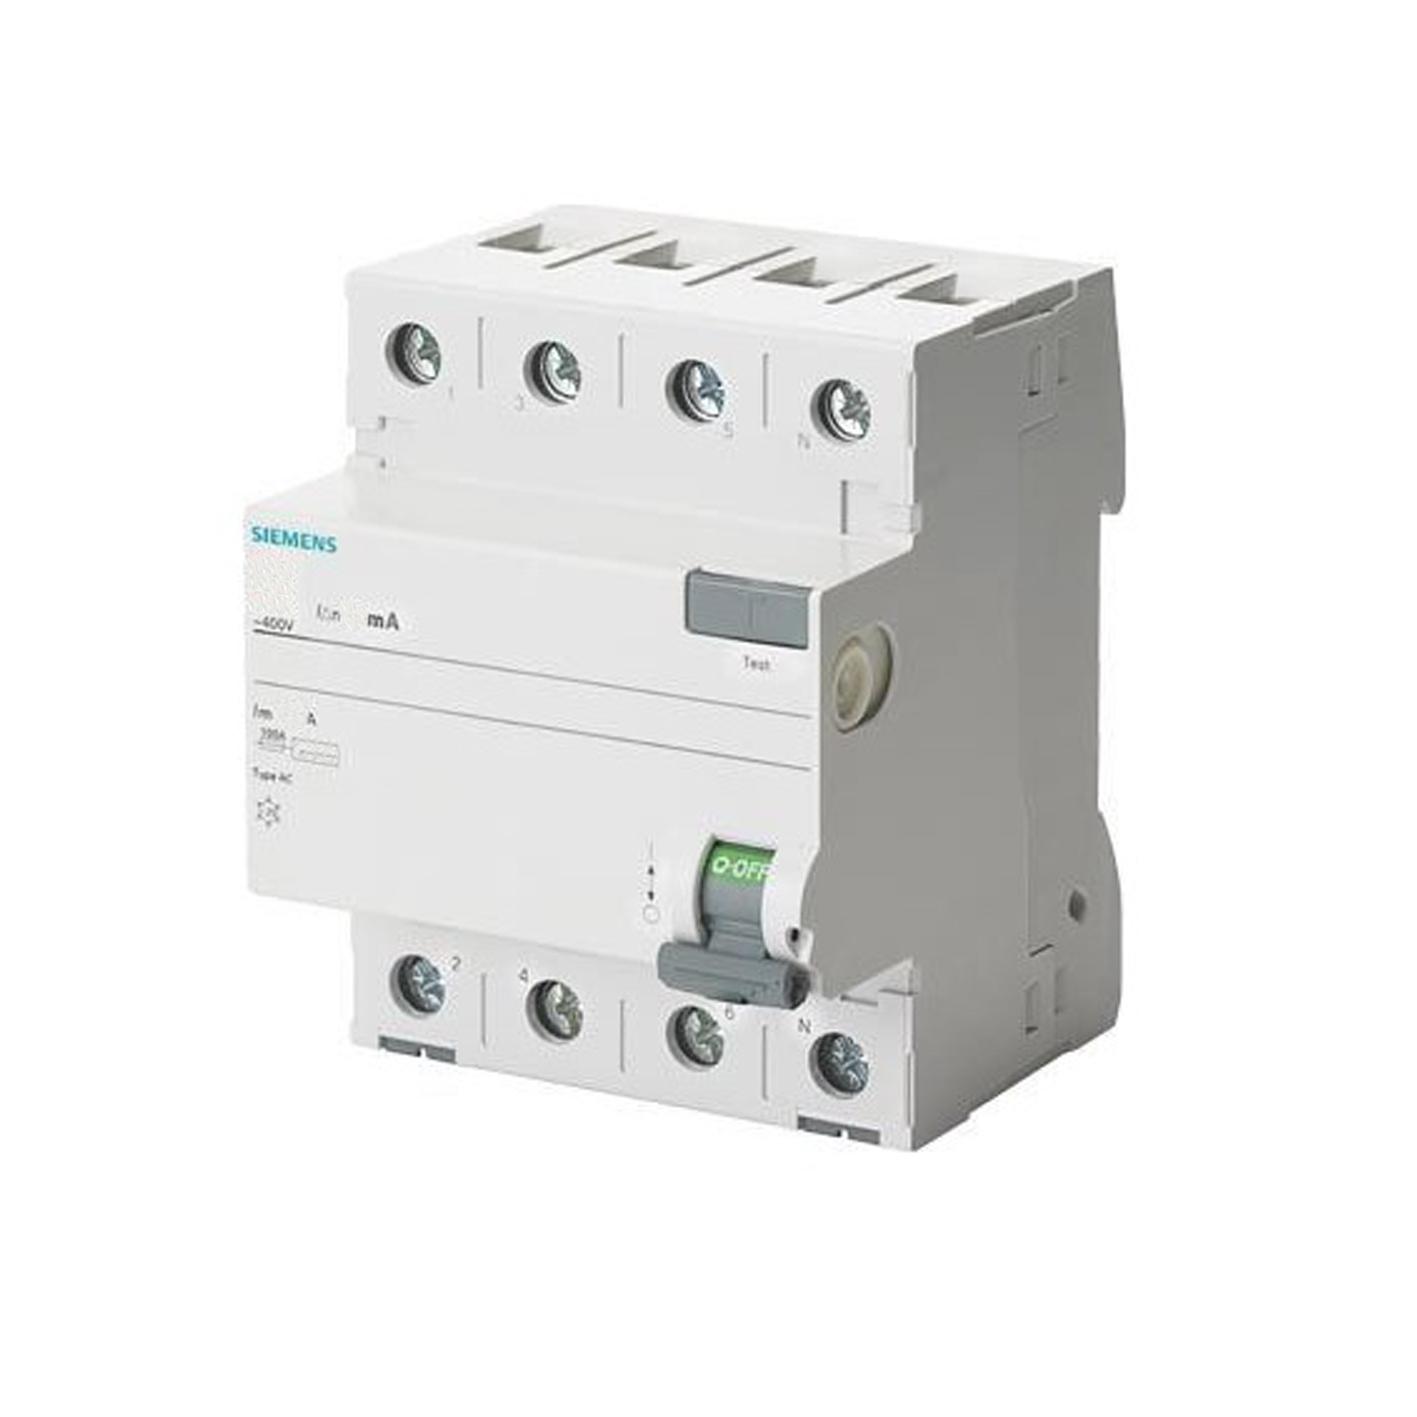 Siemens Kaçak Akım Rölesi 3x80 30mA